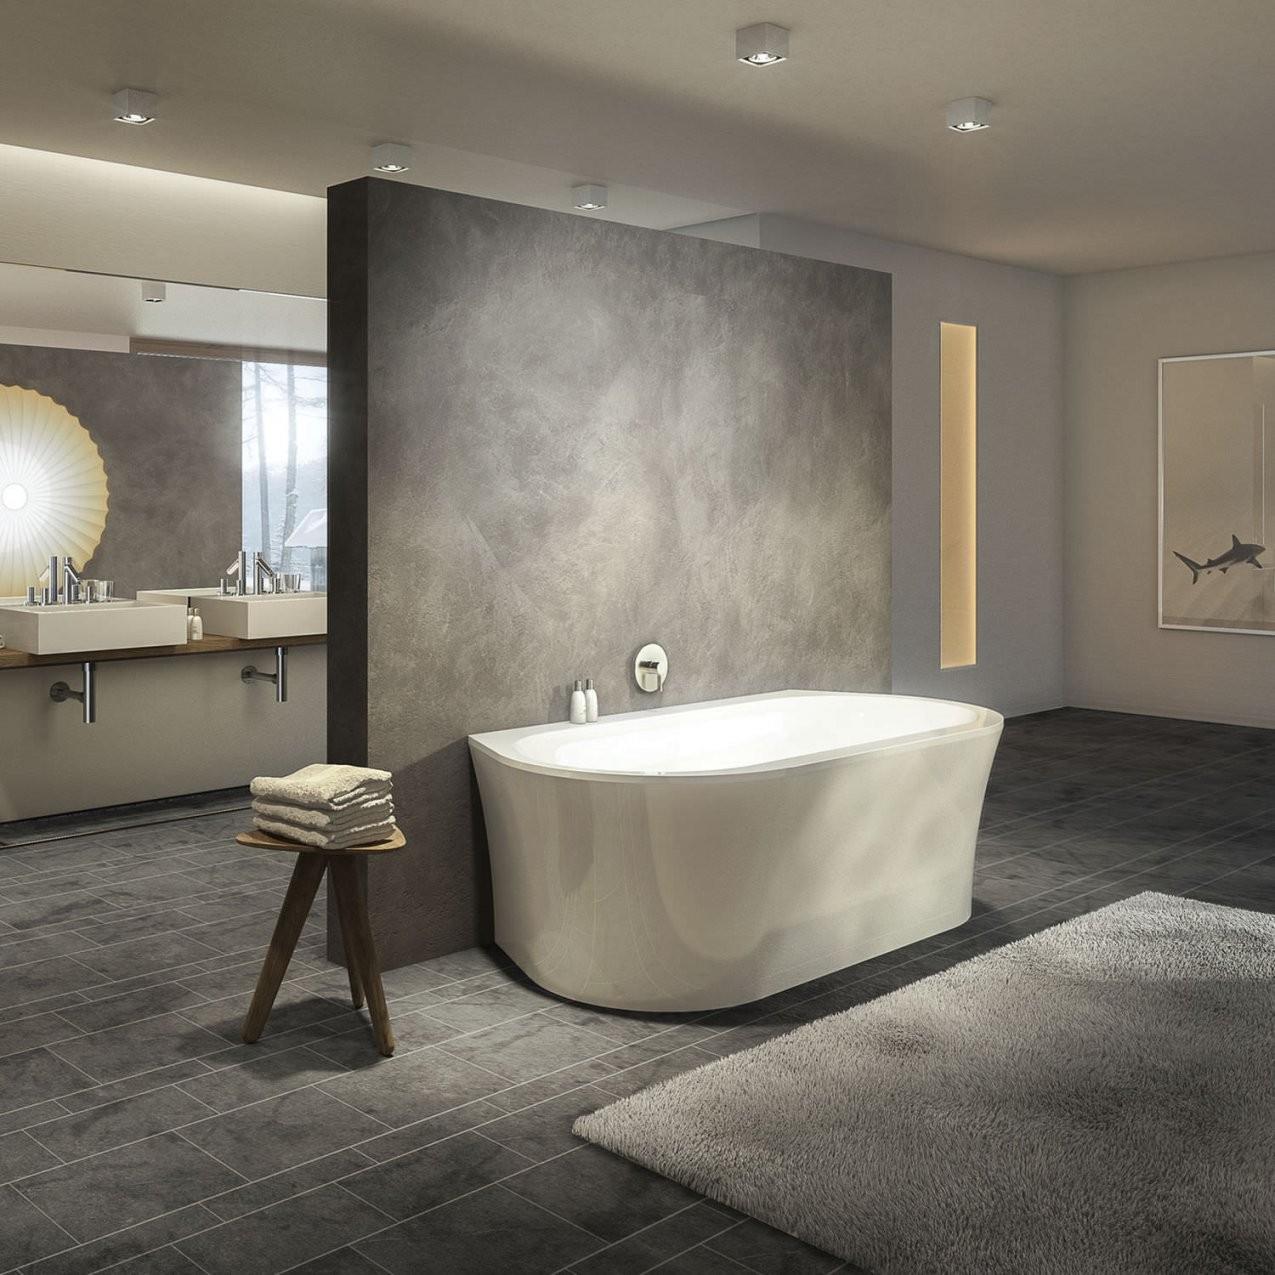 Freistehende Badewanne  Oval  Aus Acryl  Primeline Wall von Badewanne Halb Freistehend Bild